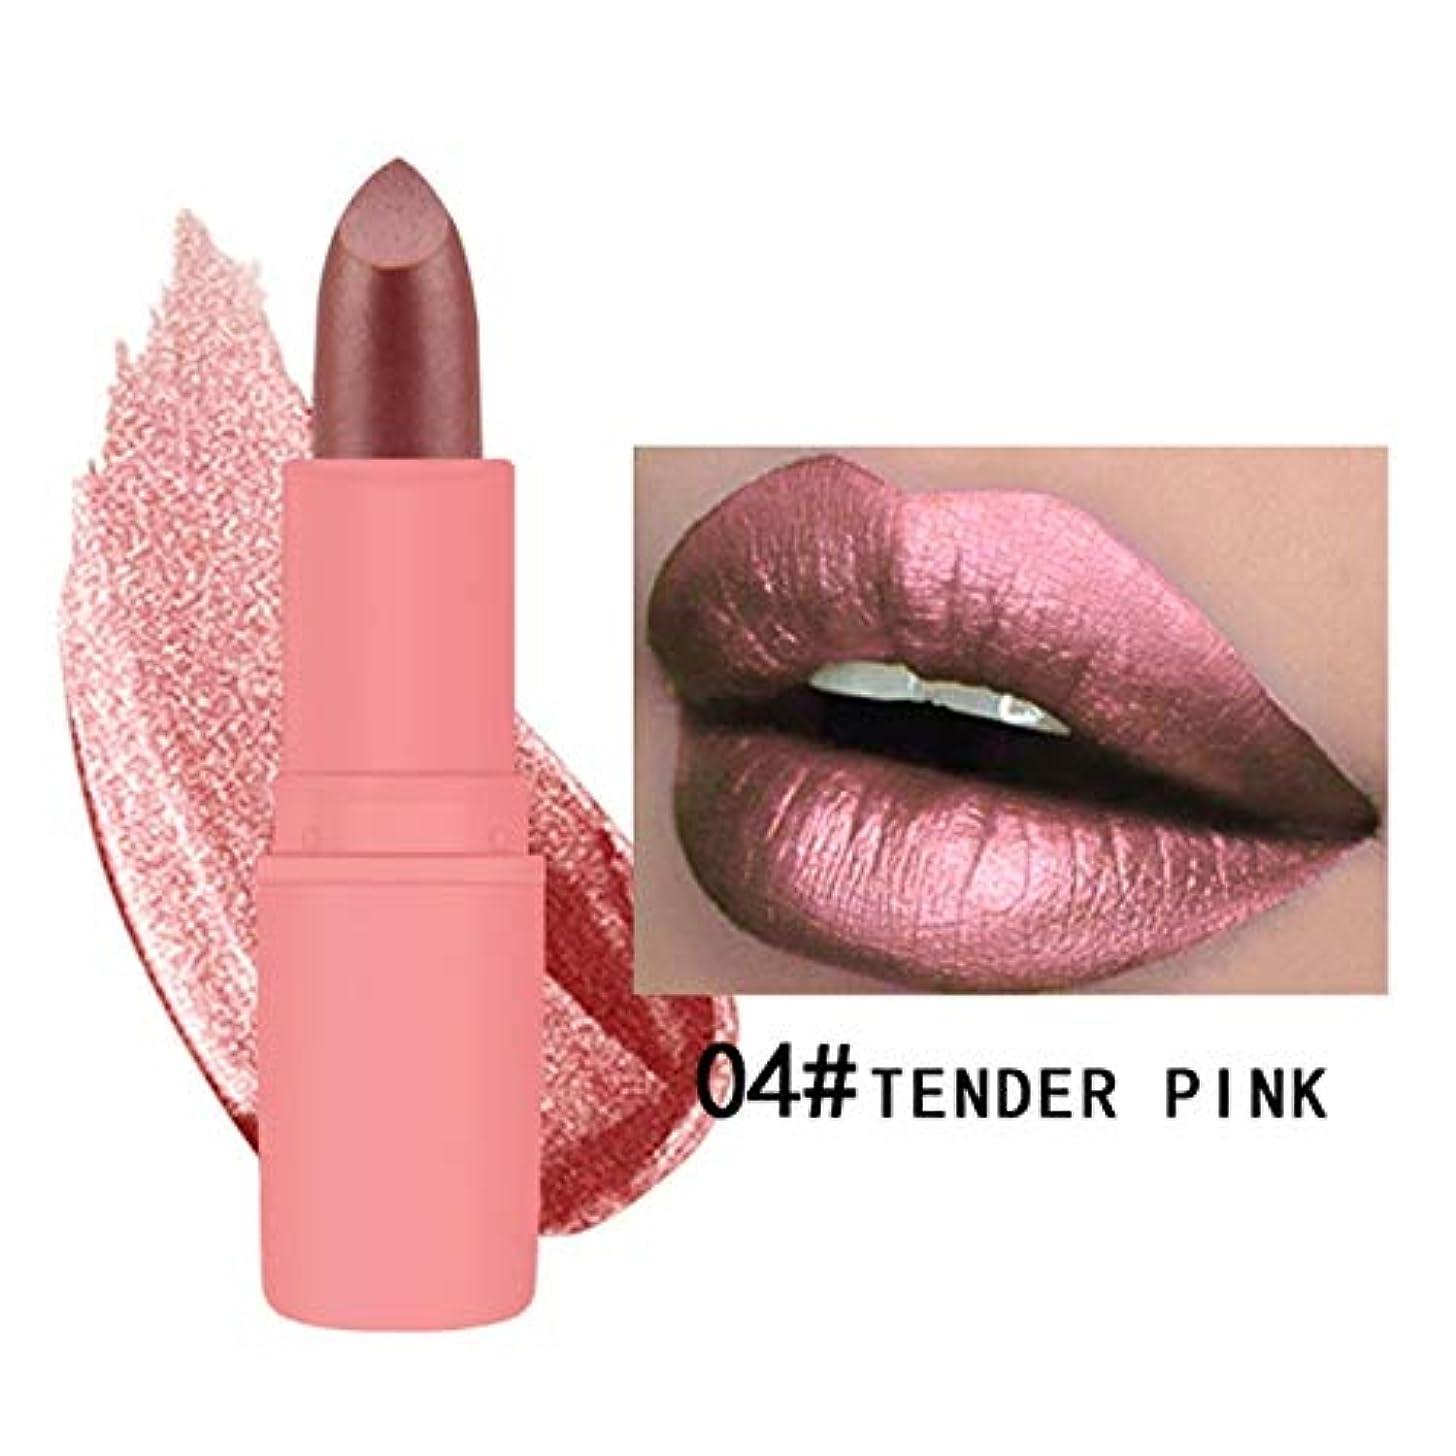 パッケージガイド直立化粧 防水長続きがする金属のマットの口紅の唇の化粧品のきらめきのビロードのようなリップグロスのマットの口紅のバット(01) 化粧 (色 : 04)